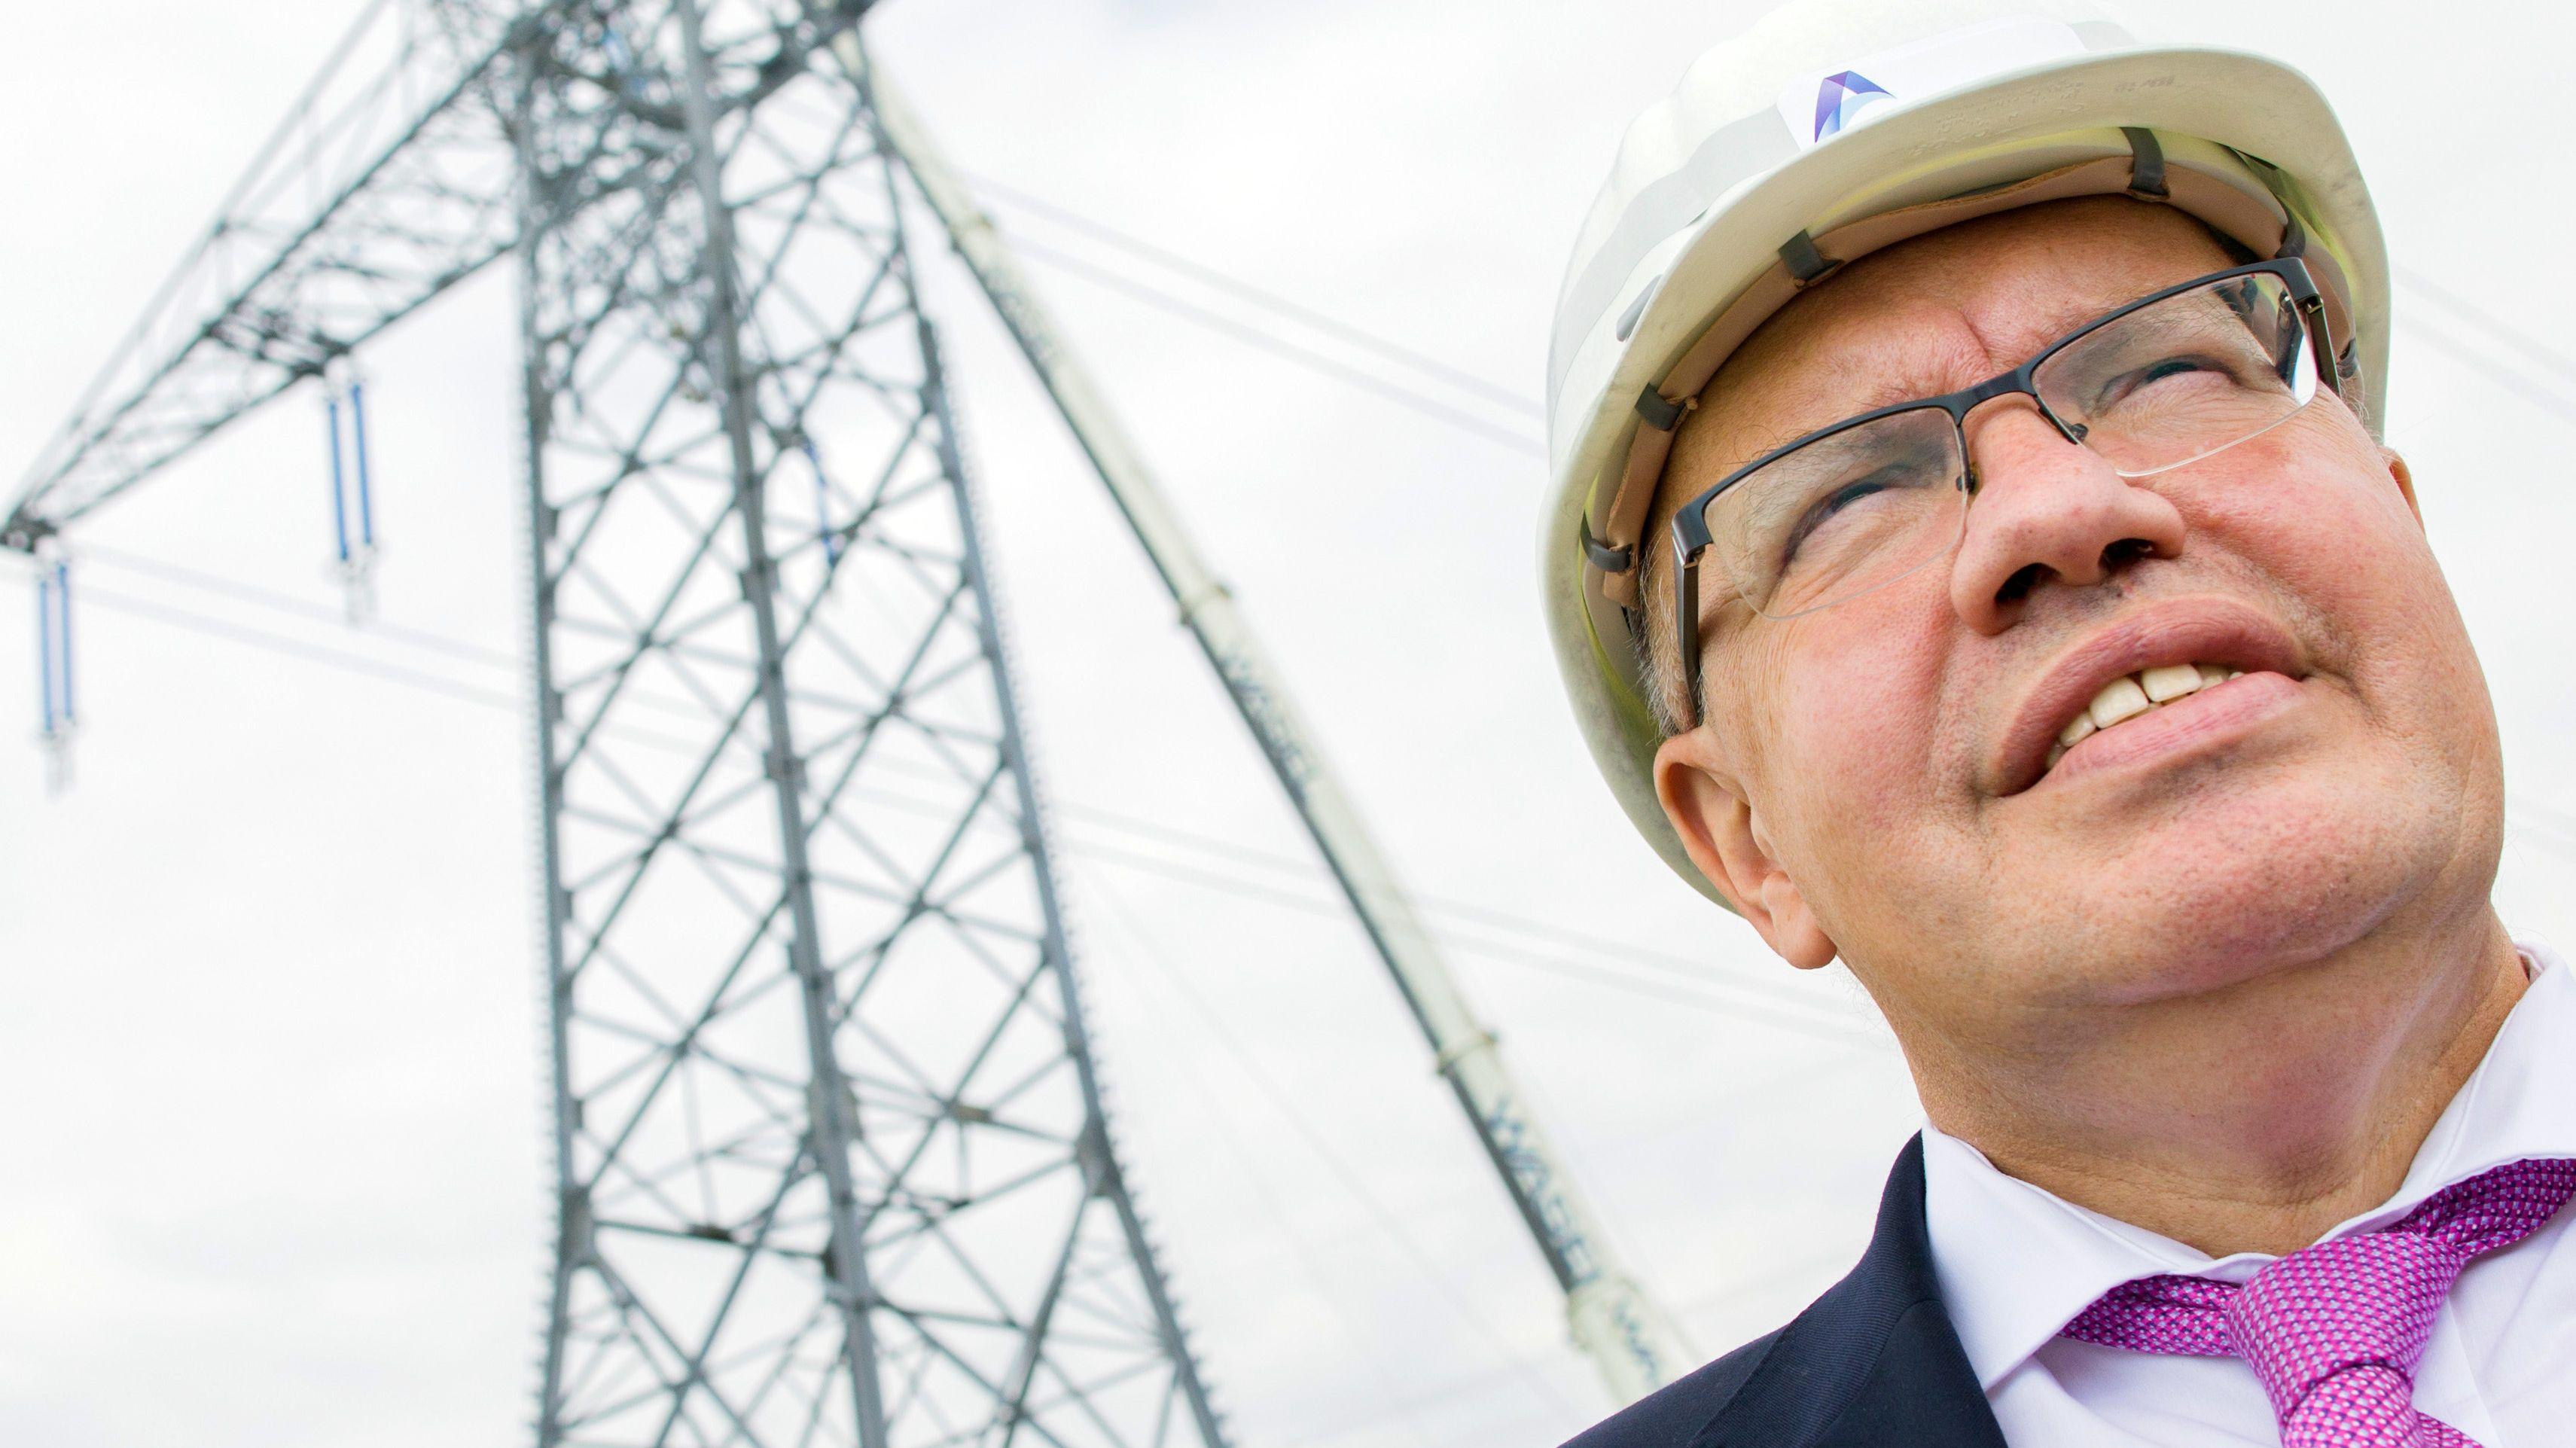 Wirtschaftsminister Altmaier vor Strommasten